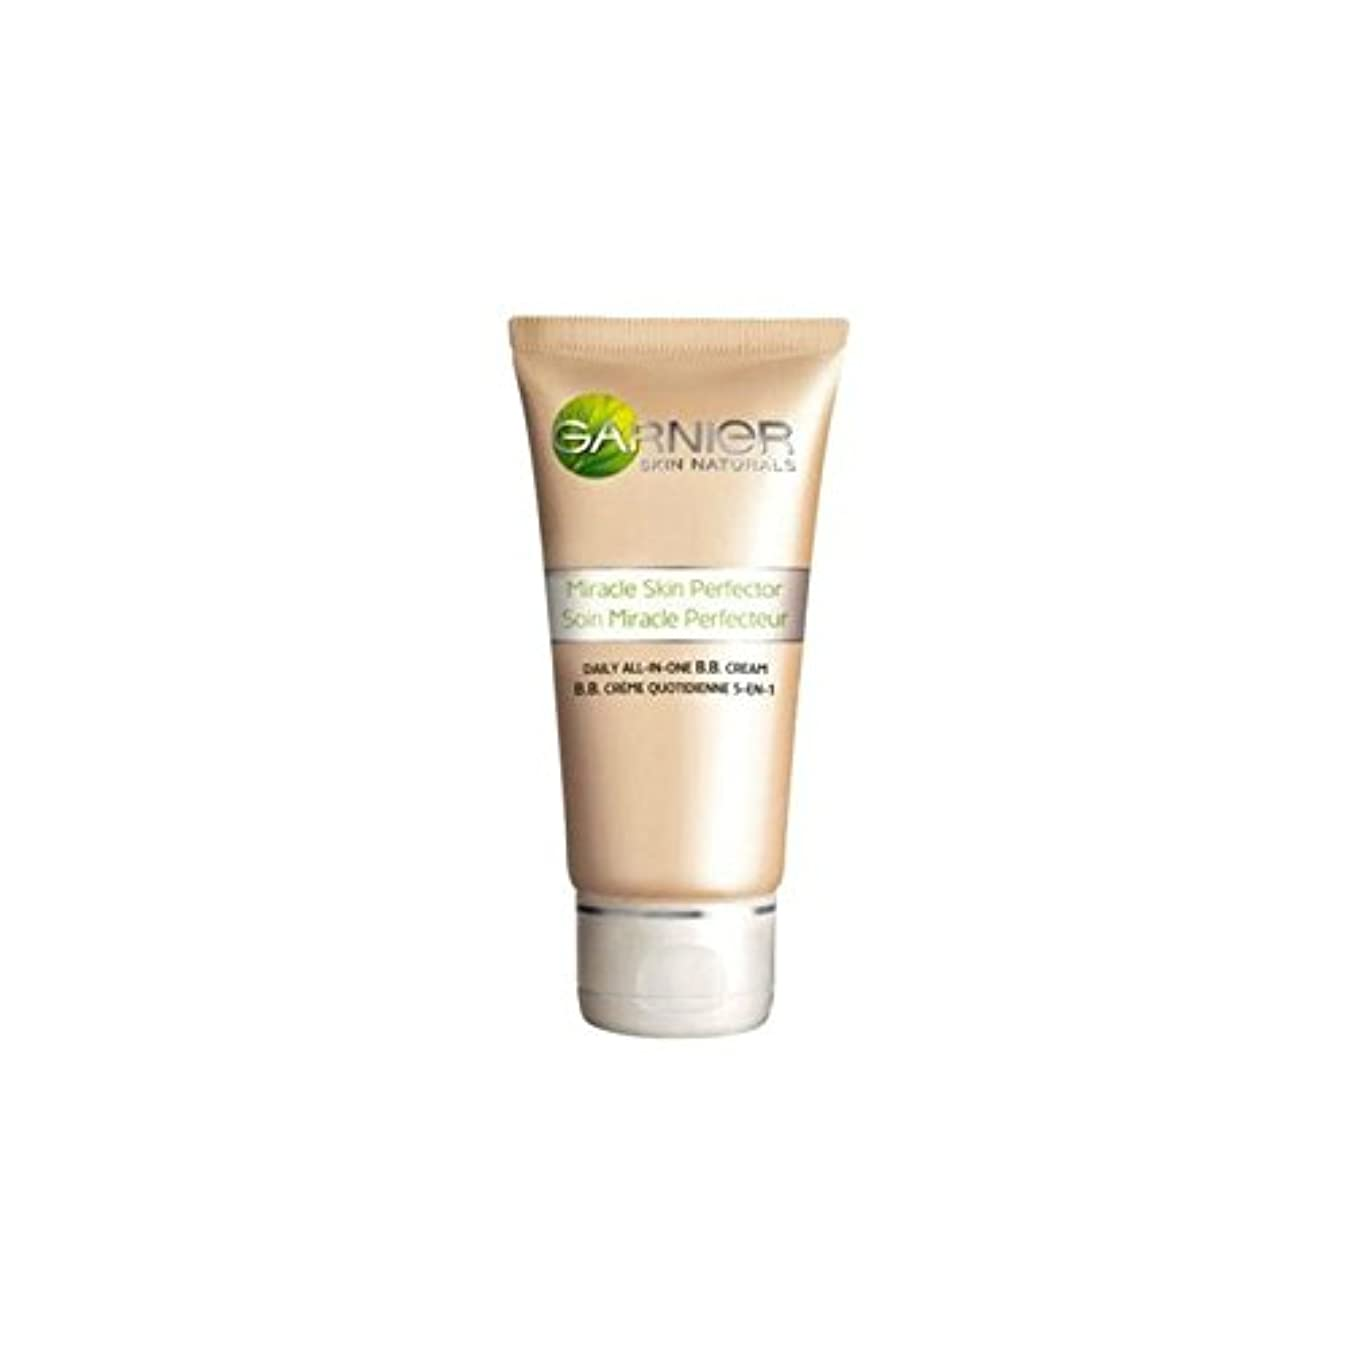 ガルニエオリジナル媒体クリーム(50)中 x4 - Garnier Original Medium Bb Cream (50ml) (Pack of 4) [並行輸入品]